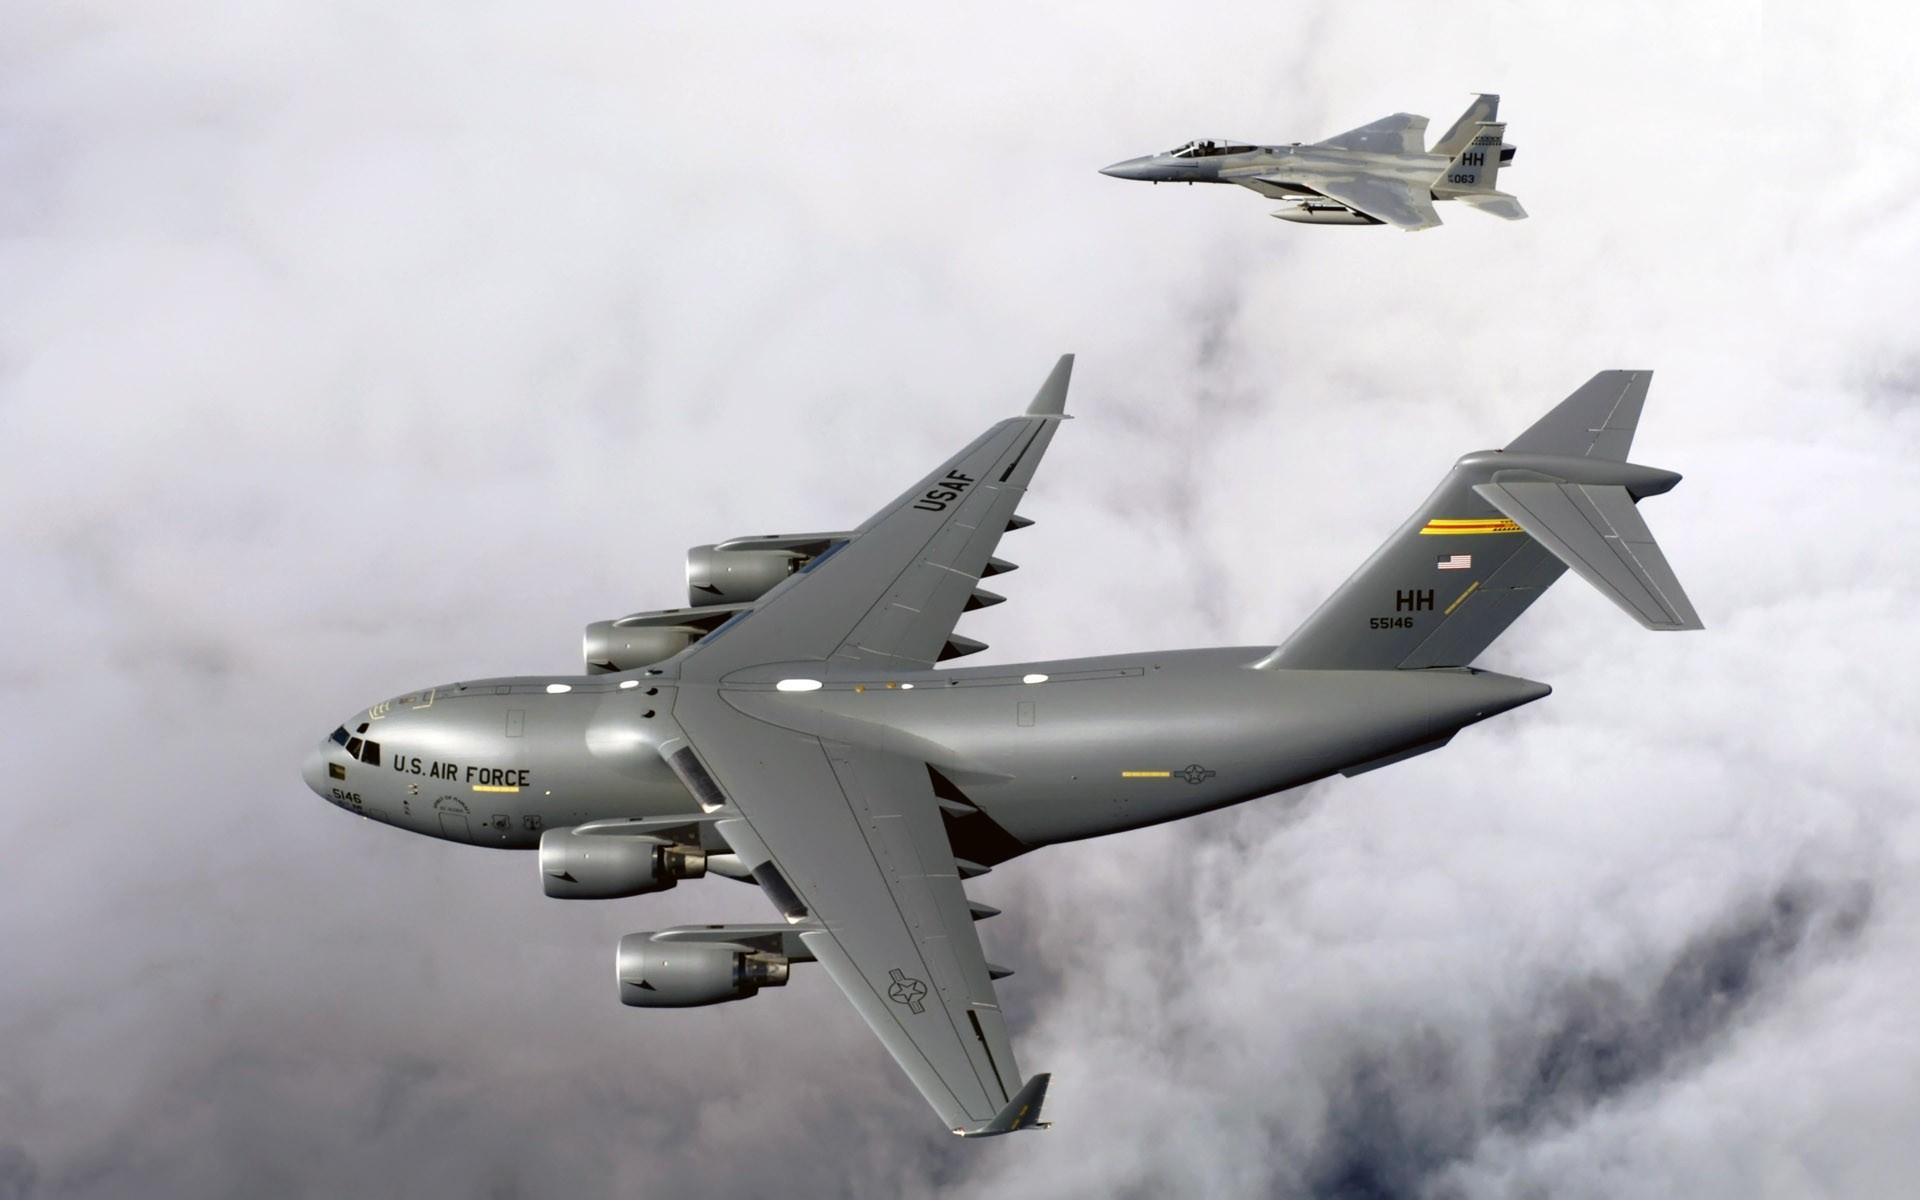 картинки американских военных самолетов тревел лук лучница